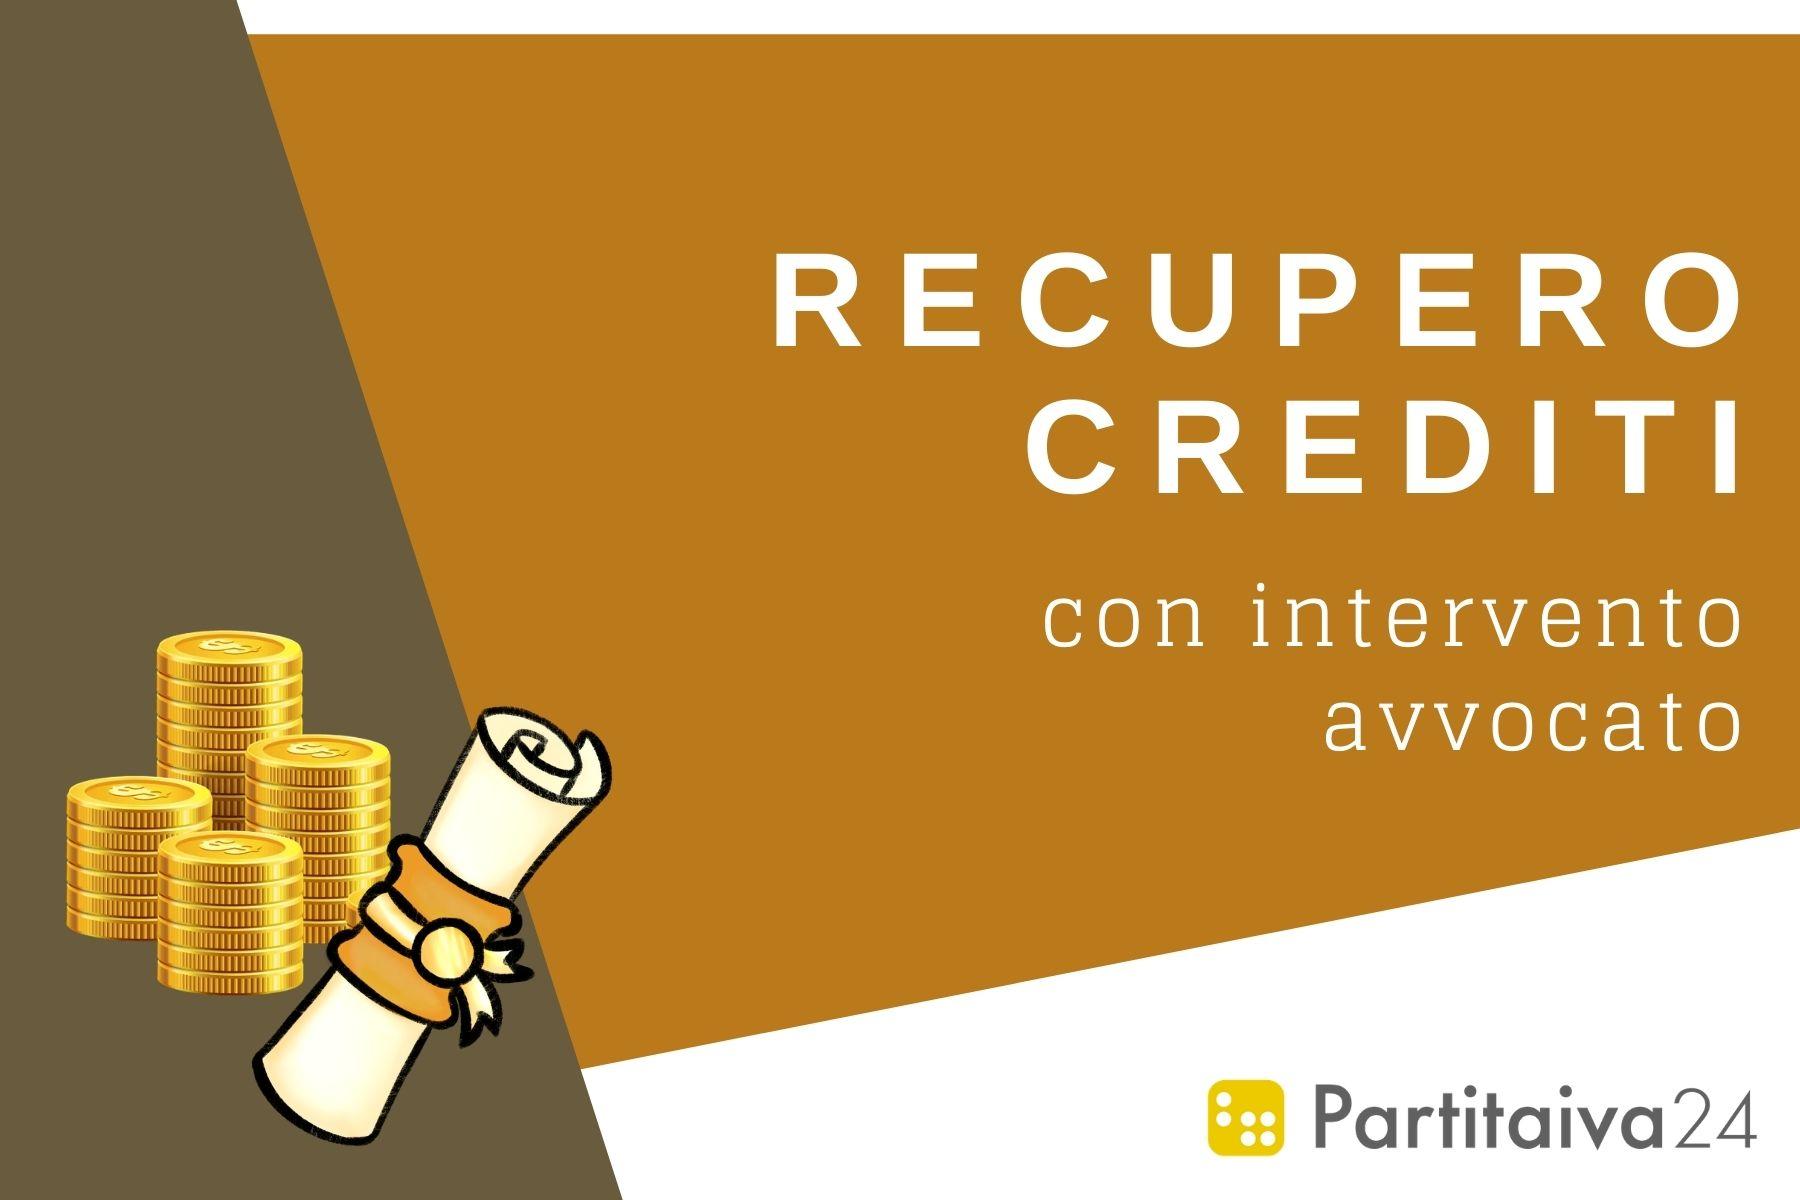 Recupero crediti online - fatture insolute